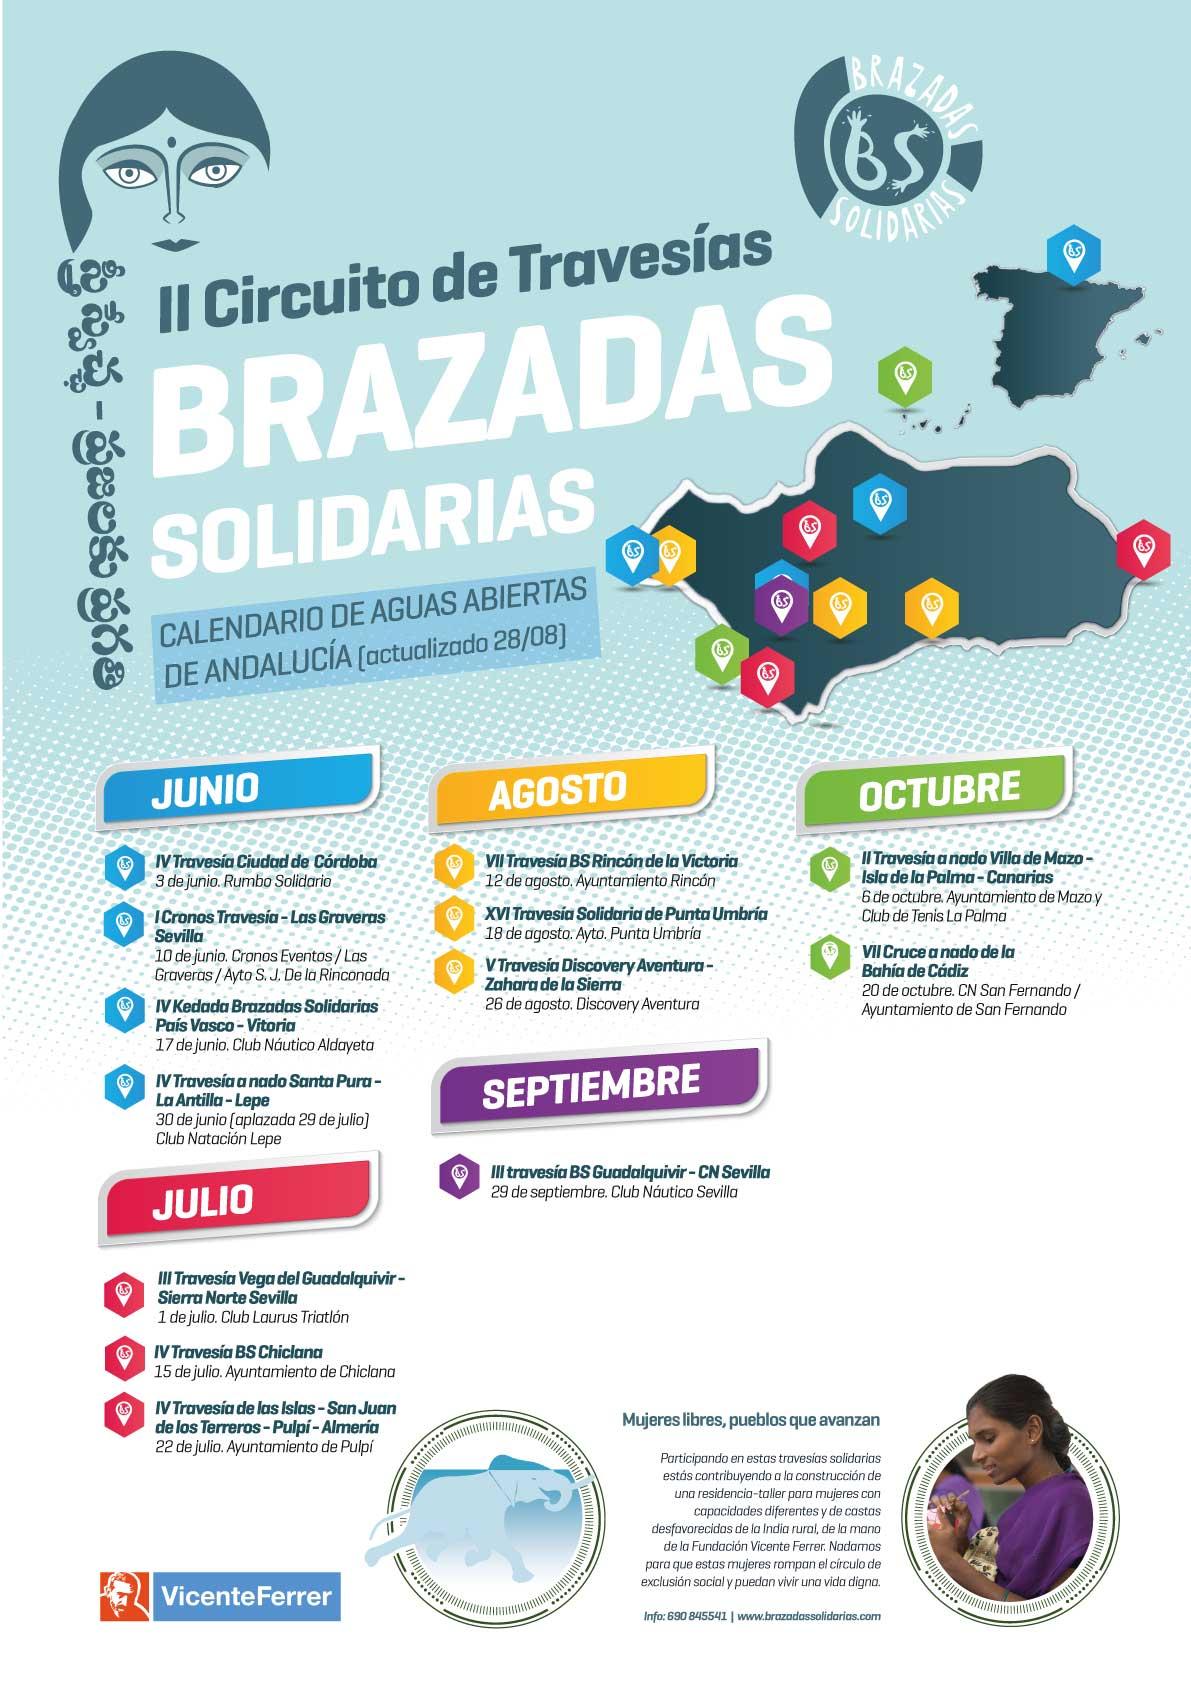 Calendario Brazadas Solidarias 2018